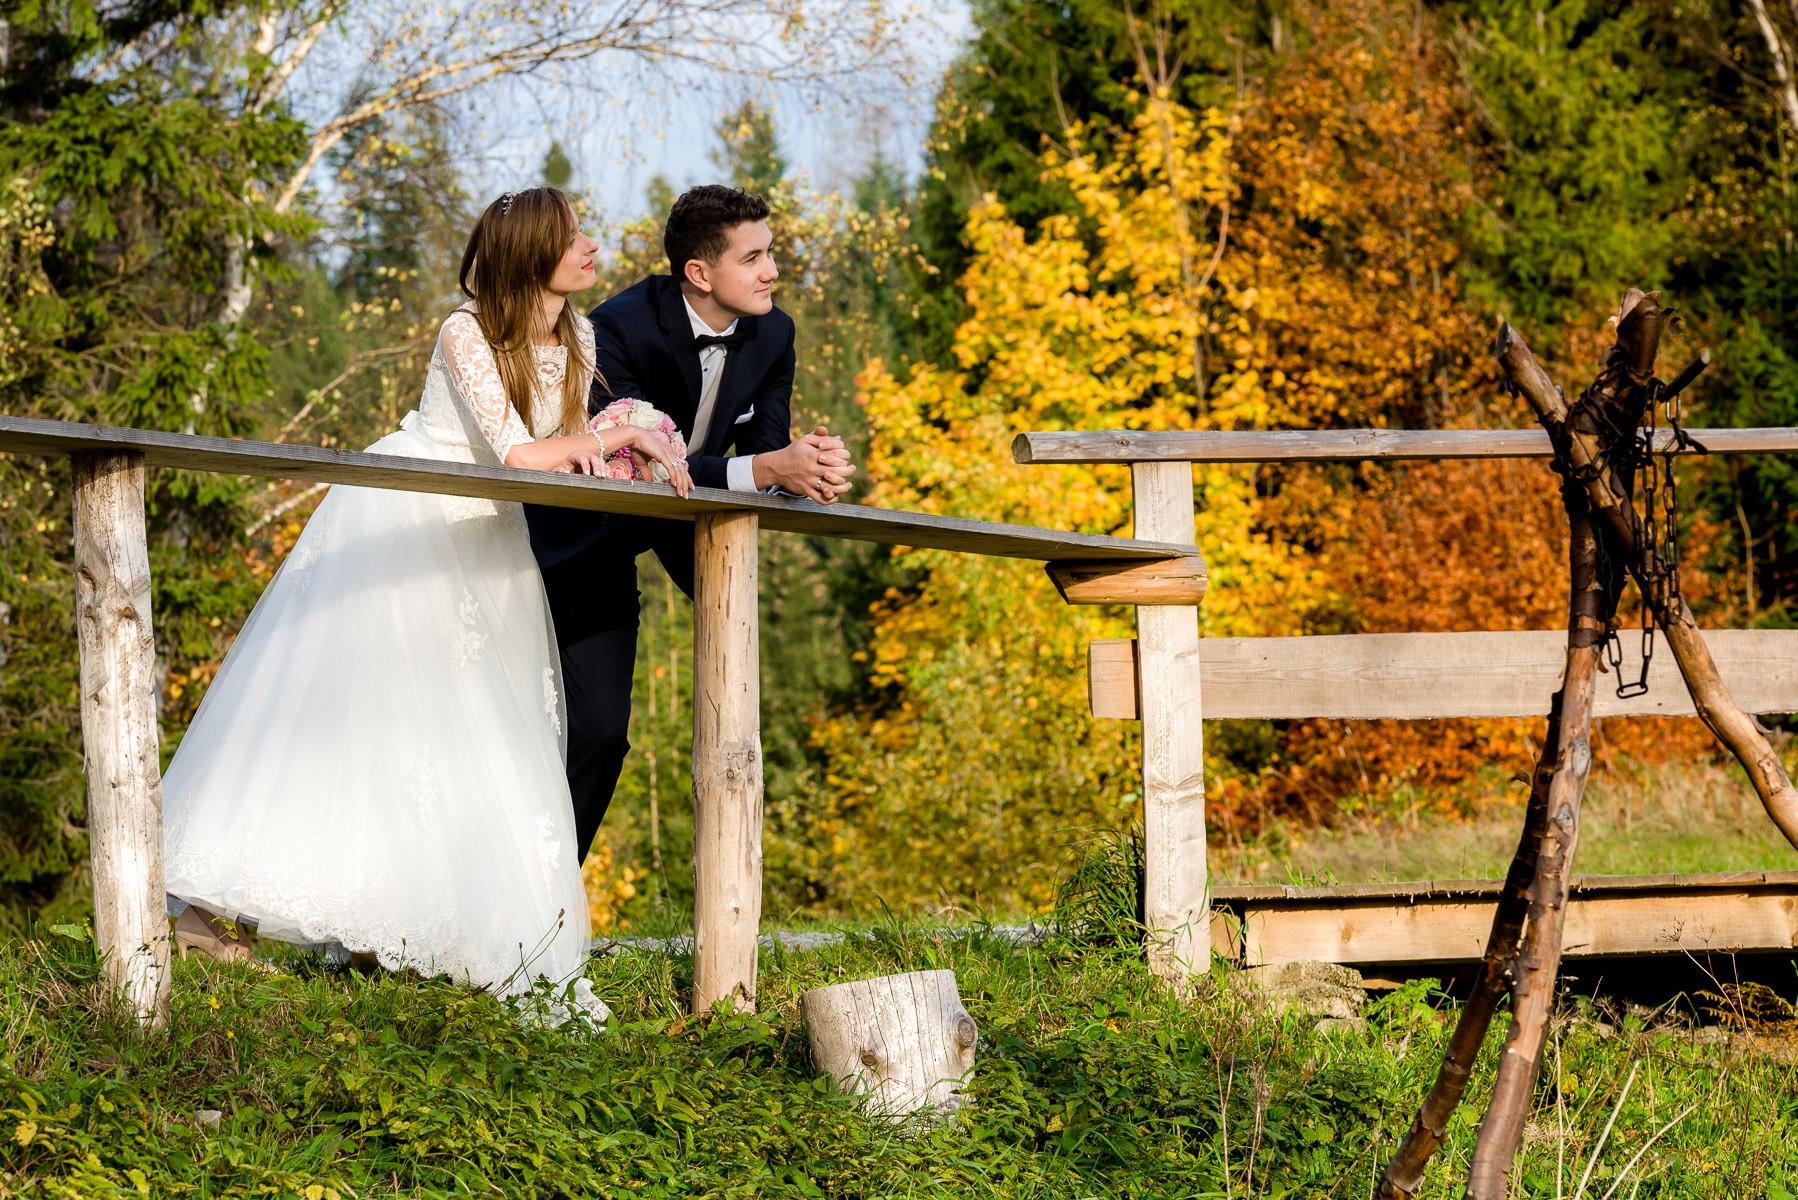 sala na skarpie fotograf slubny slask malopolska adam pietrusiak plener slubny w gorach jw wedding 194